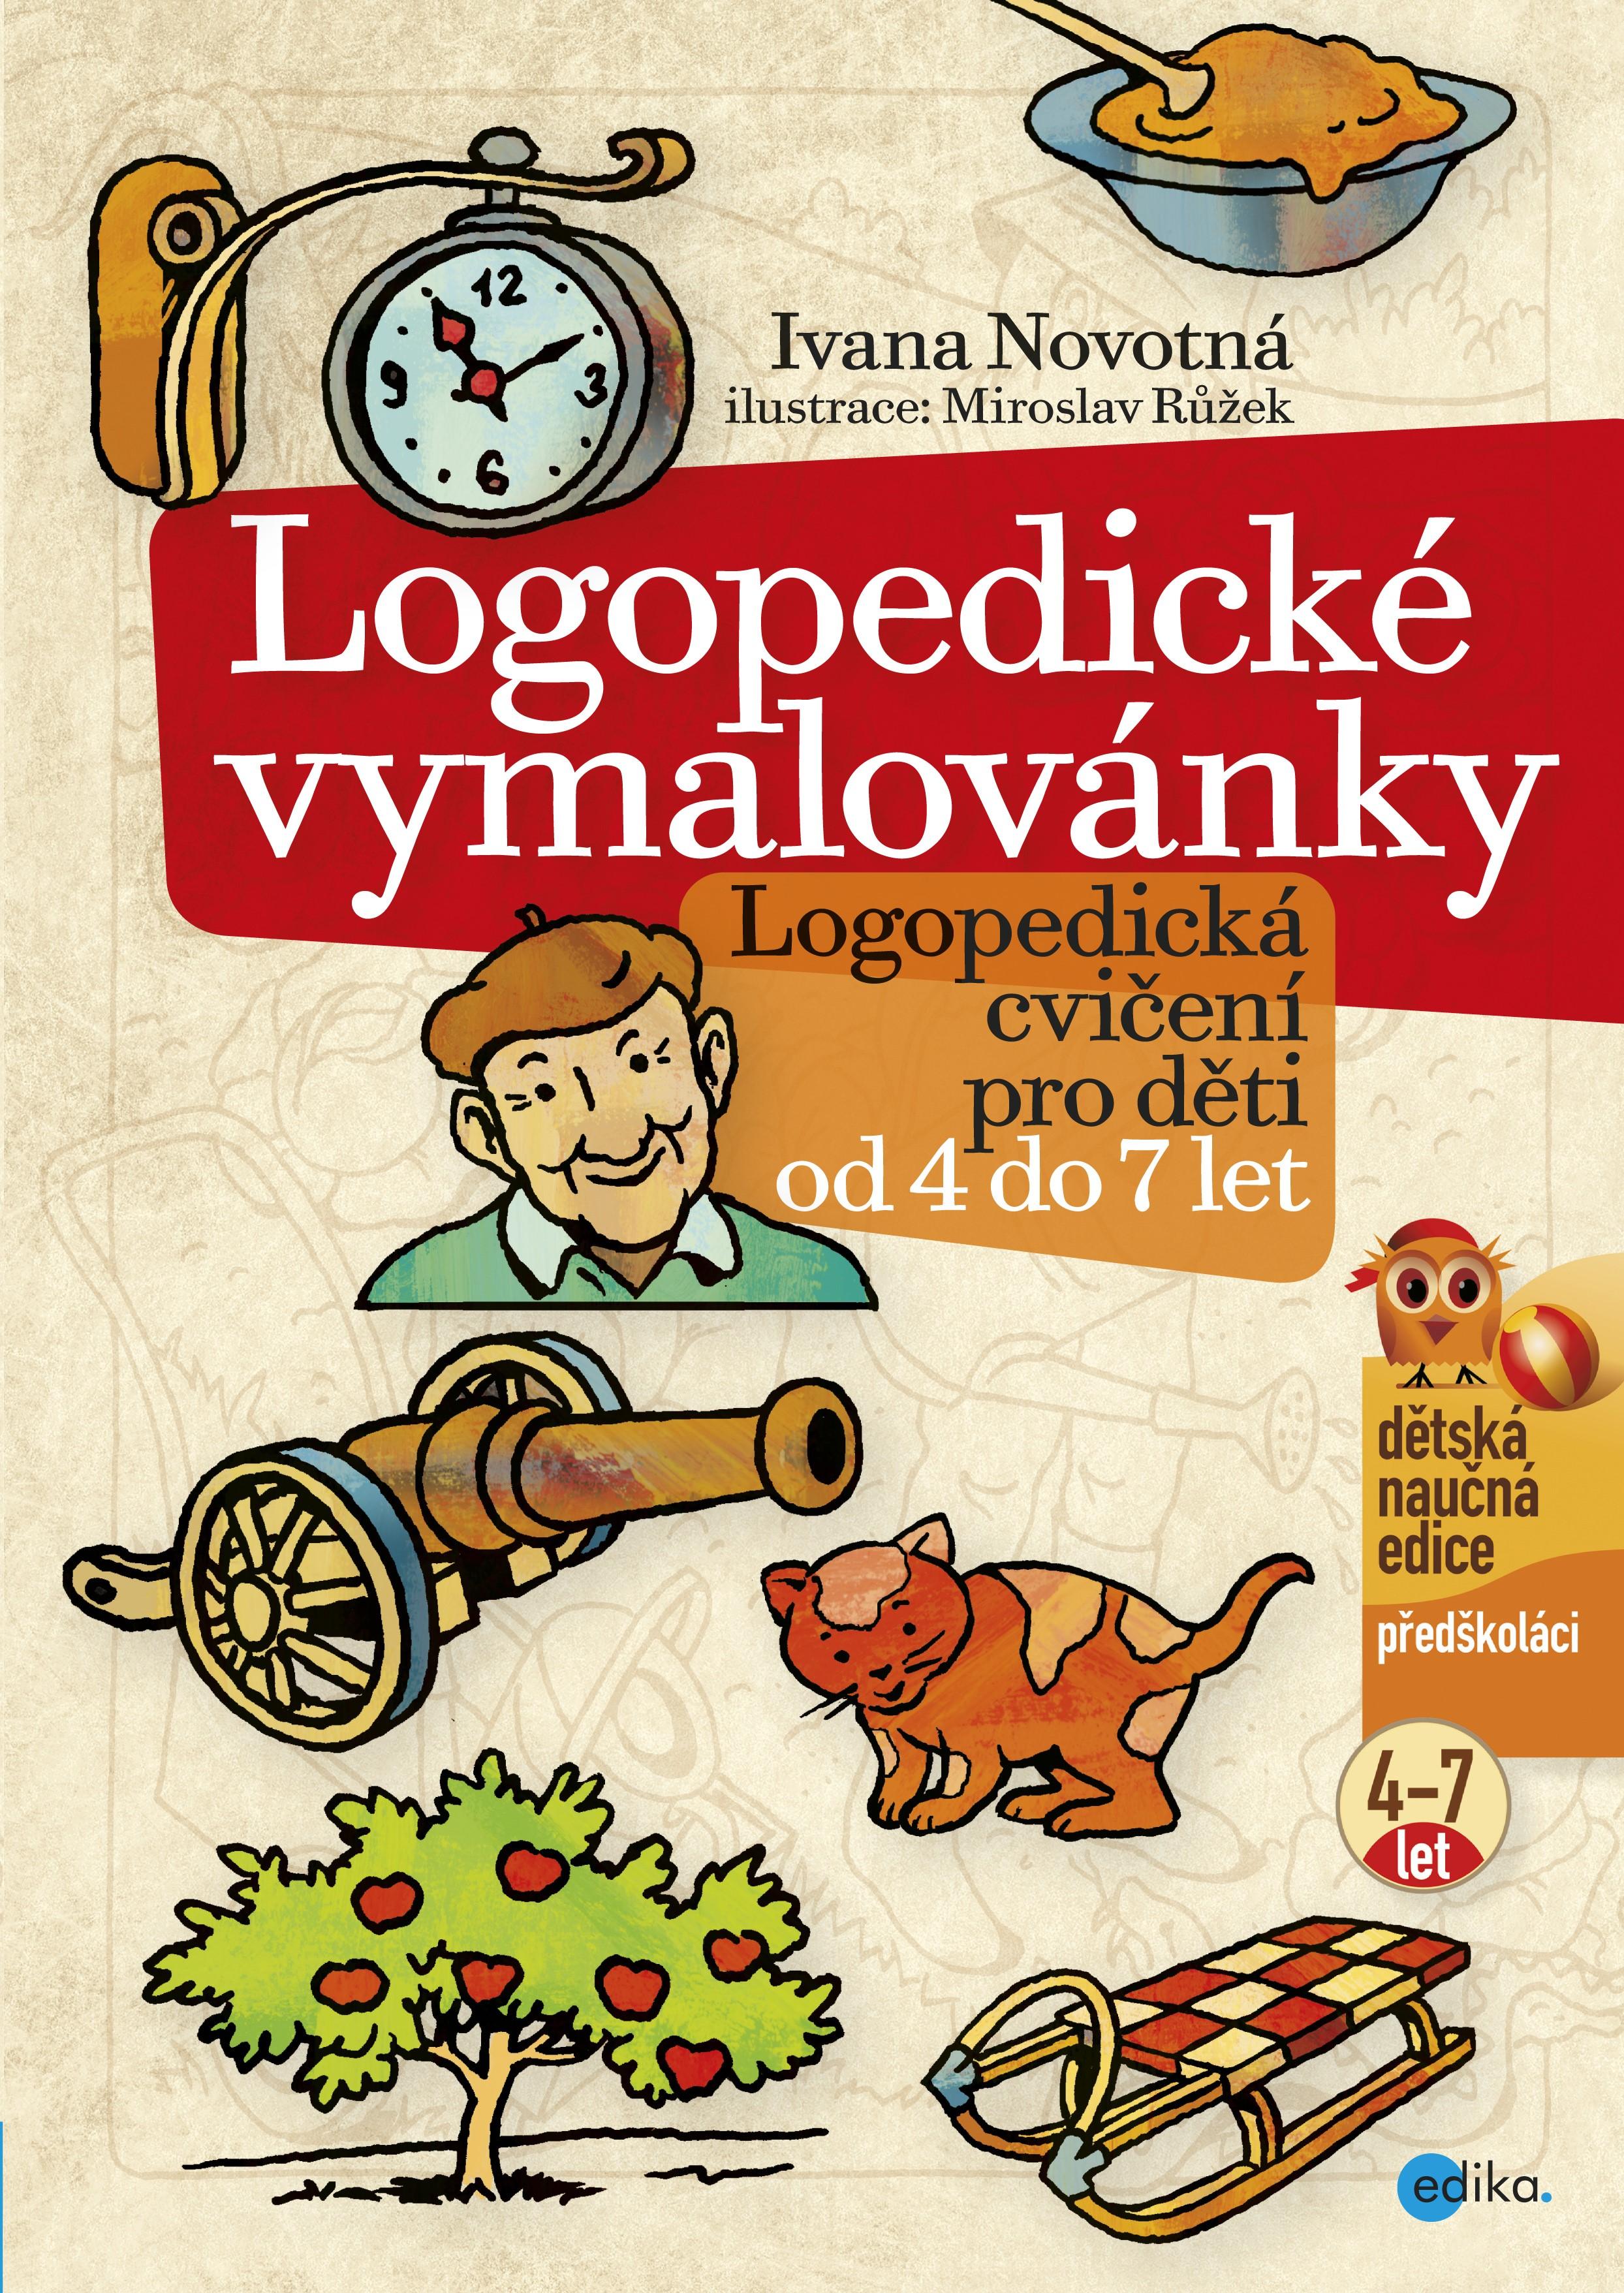 Logopedické vymalovánky | Ivana Novotná